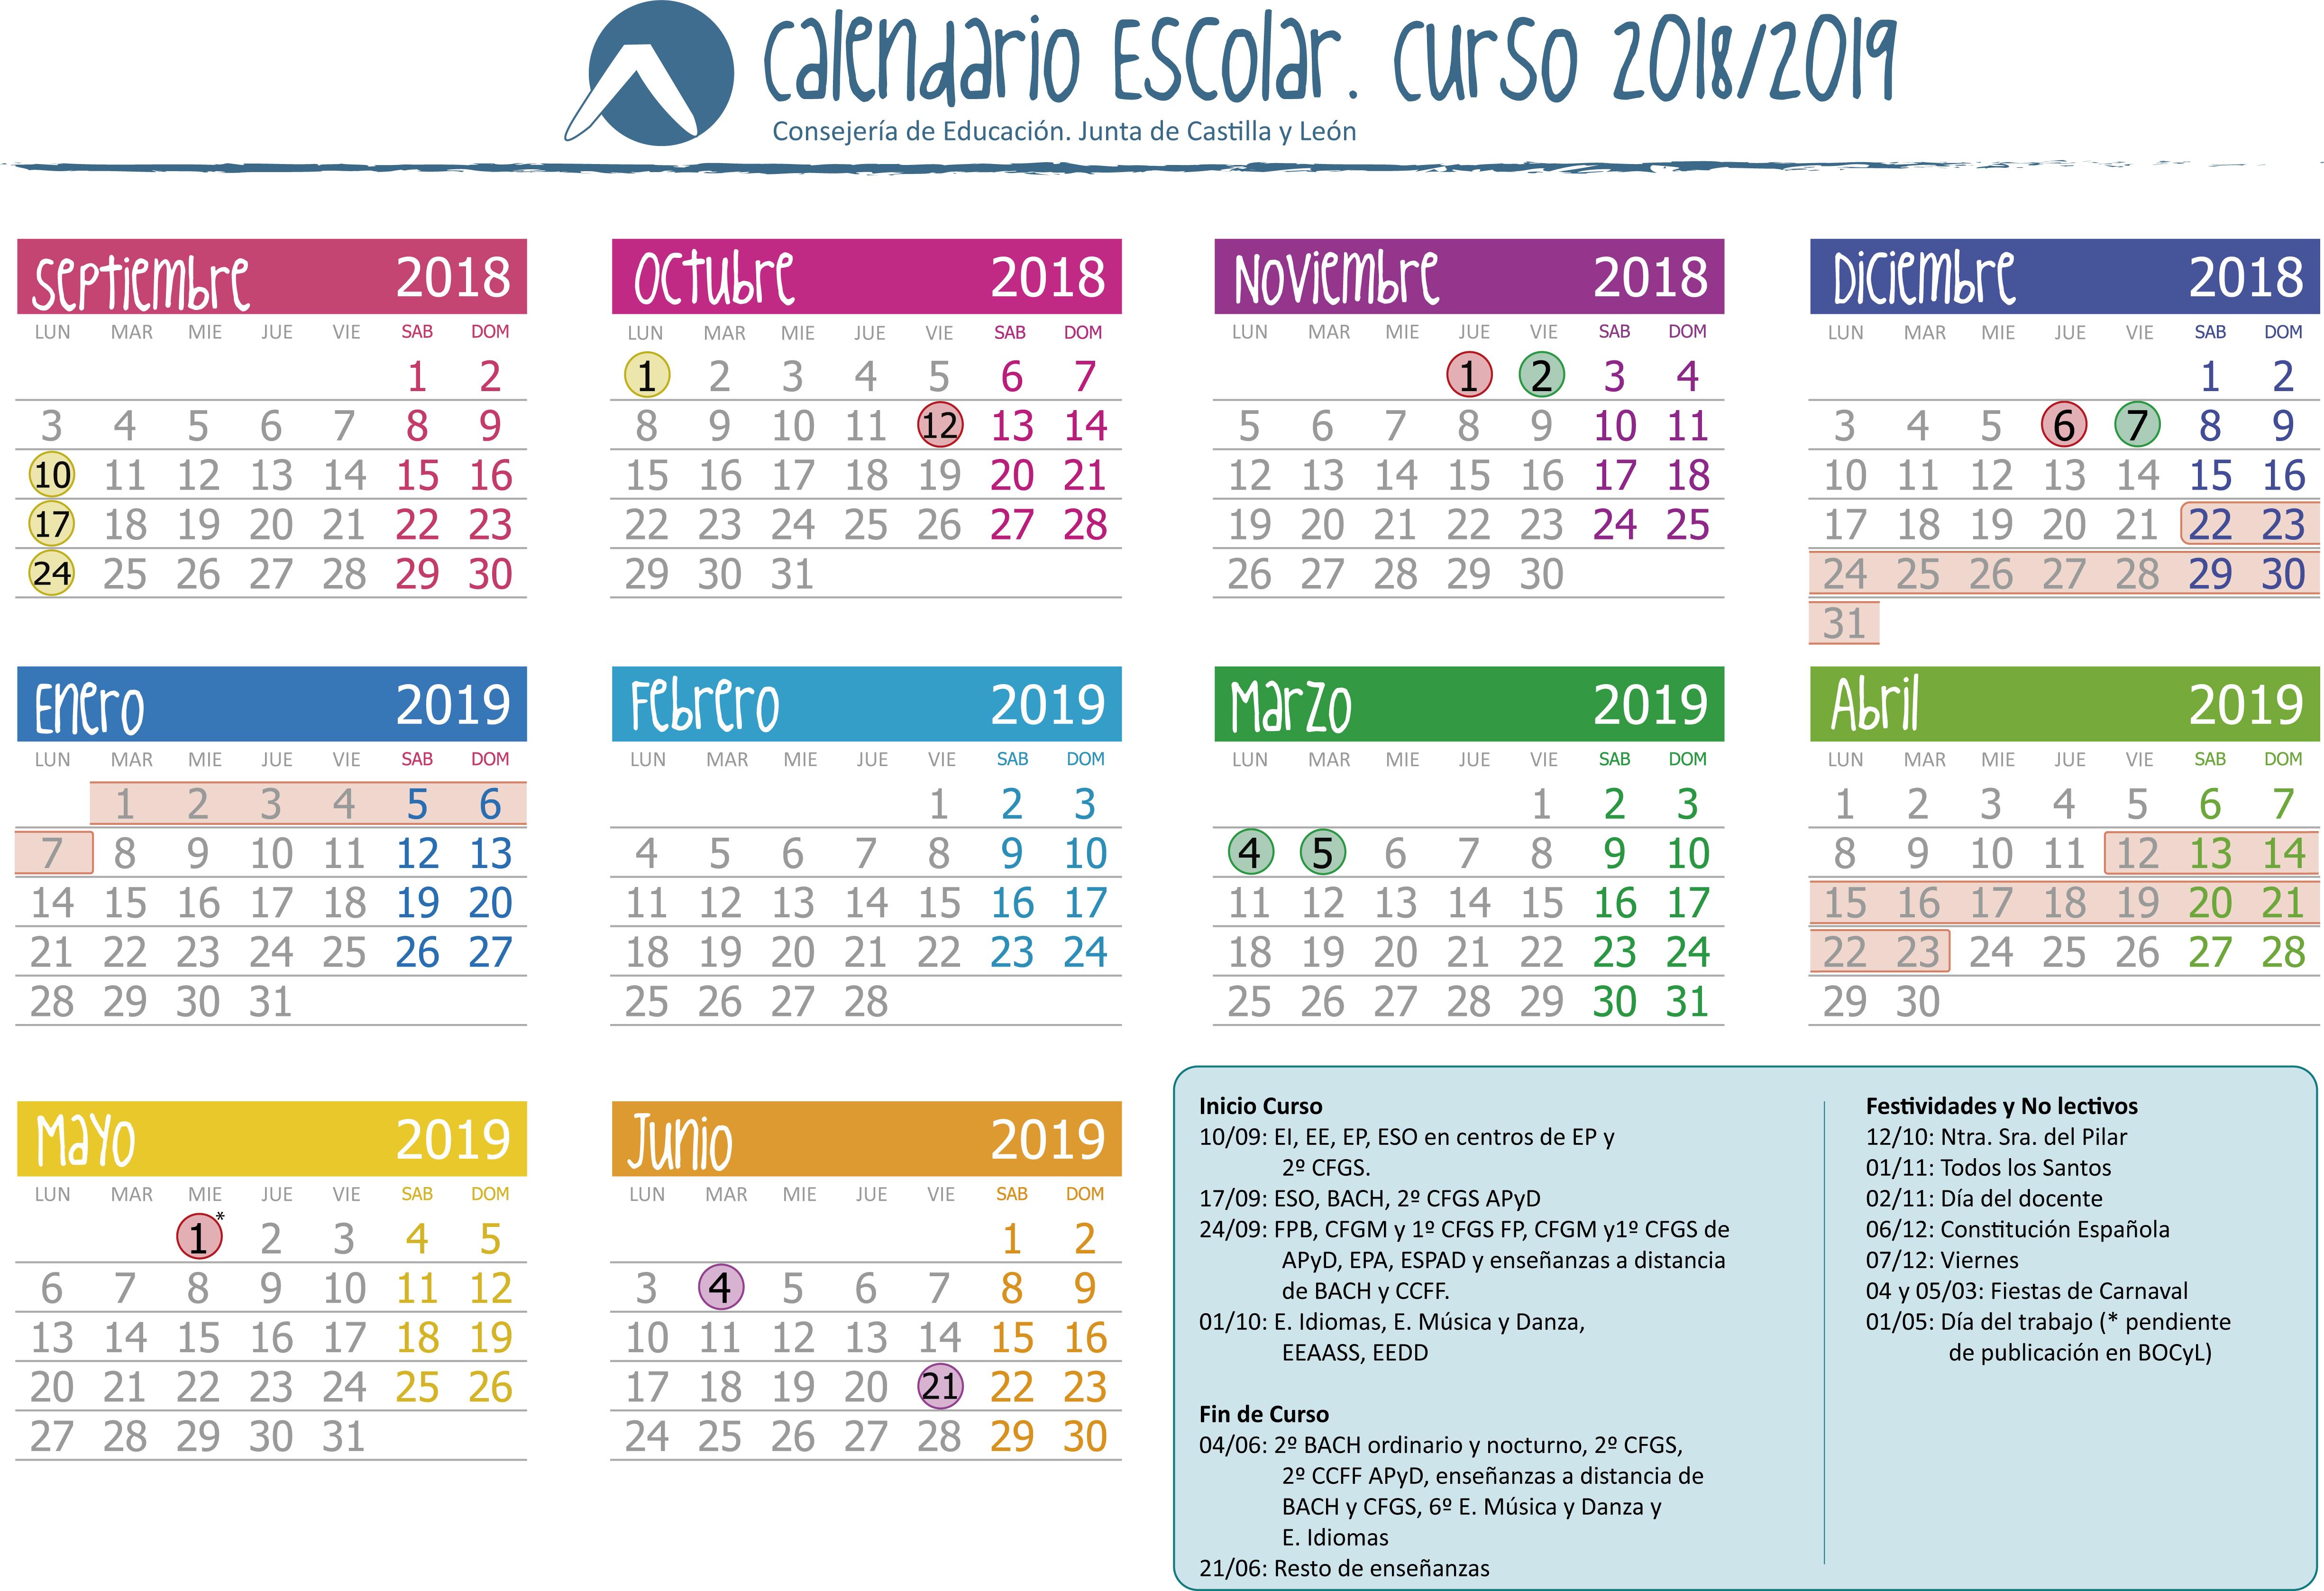 Calendario Laboral 2019 Valladolid Pdf.Calendario Escolar Valladolid 2020